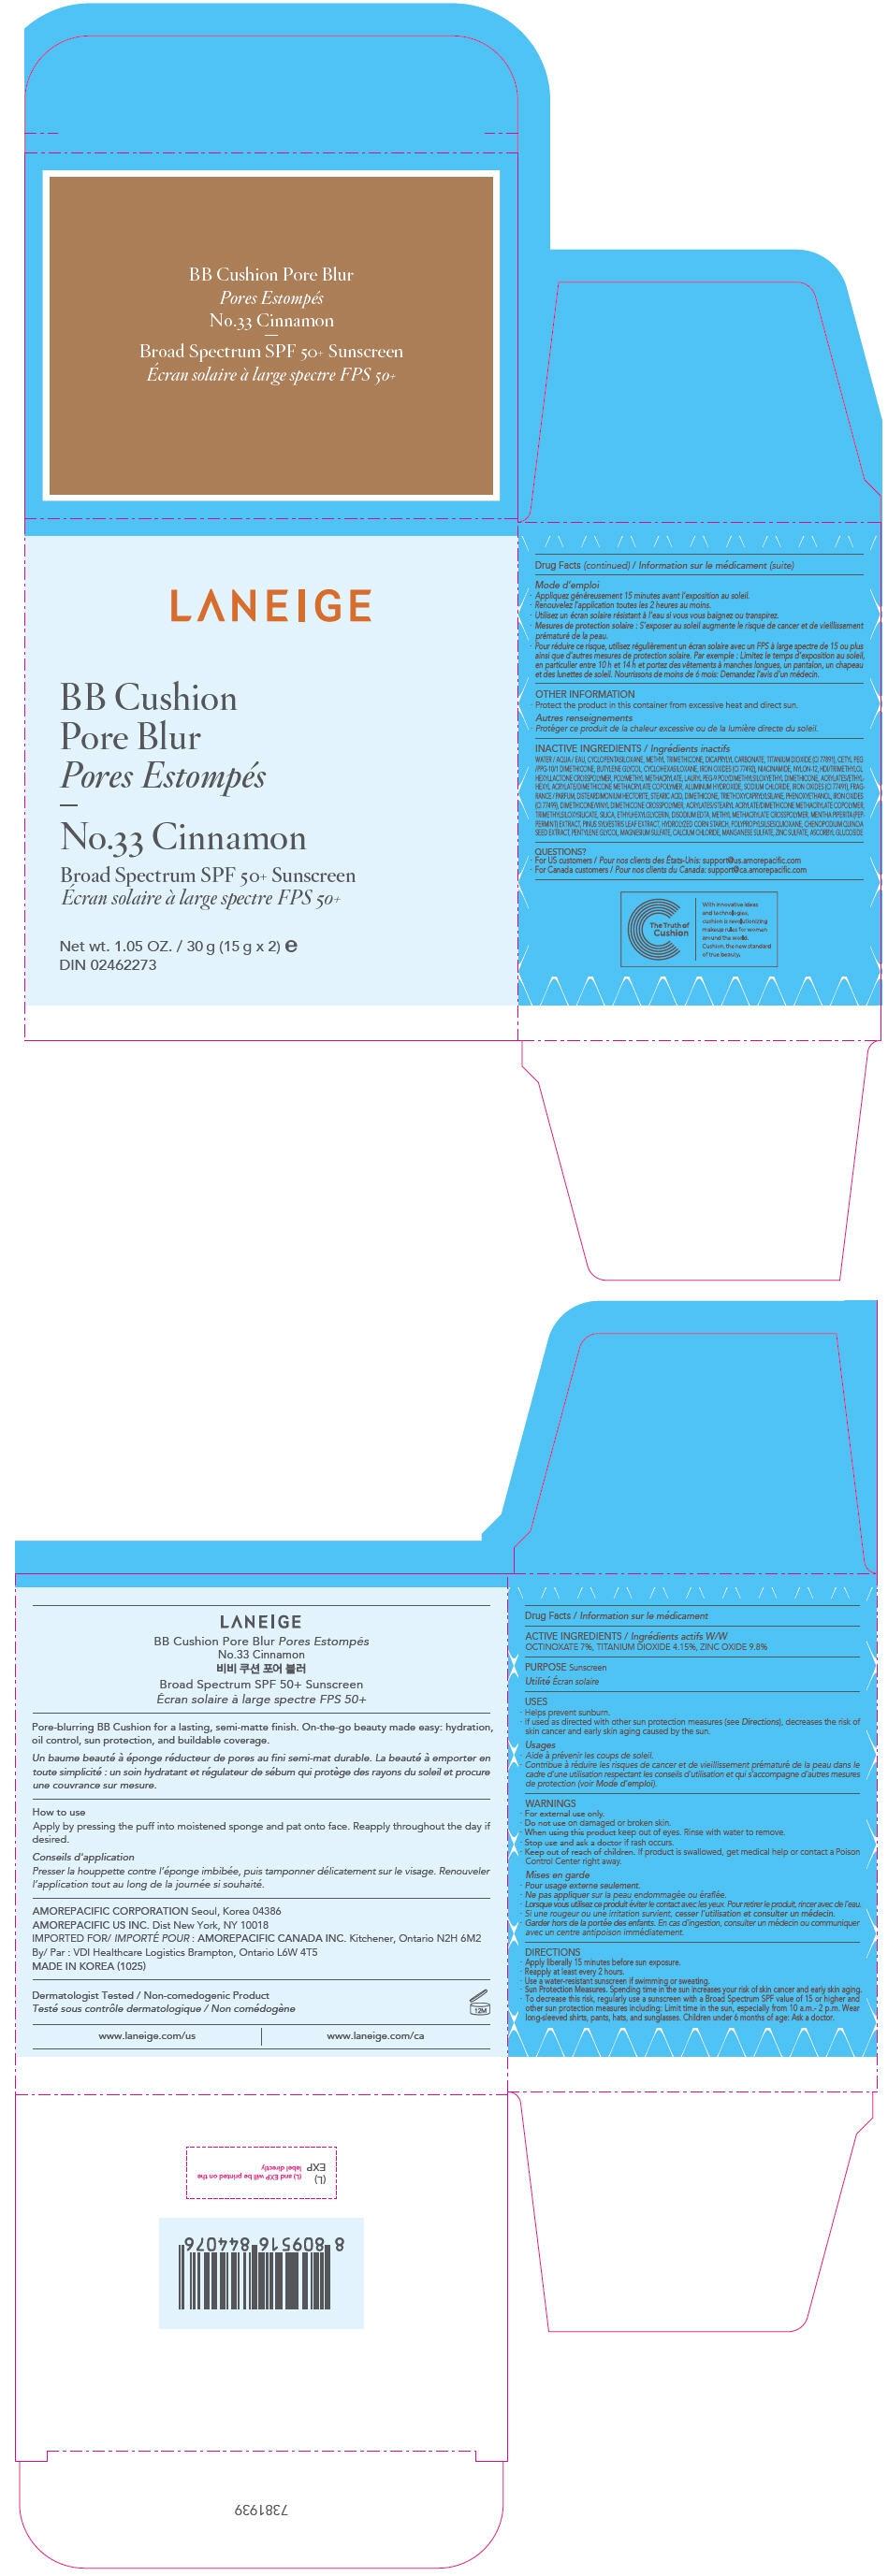 PRINCIPAL DISPLAY PANEL - 30 g Container Carton - No.33 Cinnamon